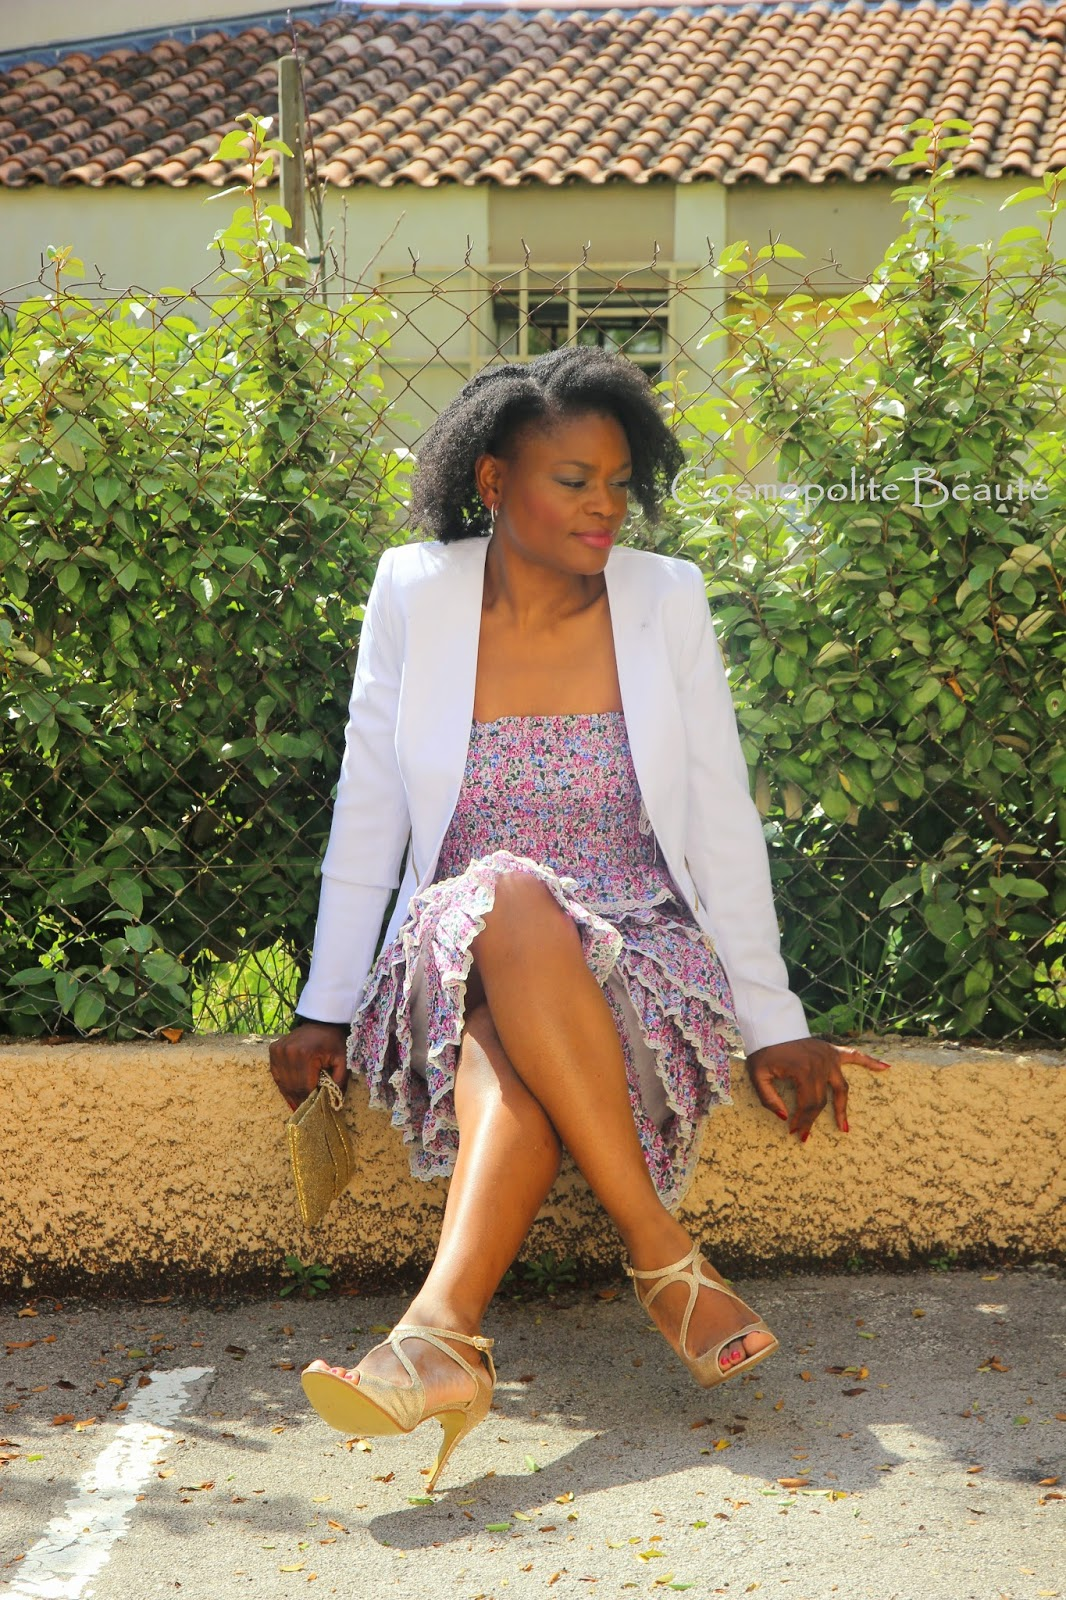 mode, fashion, byn french challenge, lookbook, cosmopolite beauté, cosmopolitan beauty, tenue, pastel, look, maxi gilet, robe bustier, veste cintrée, sandales à talons , doré